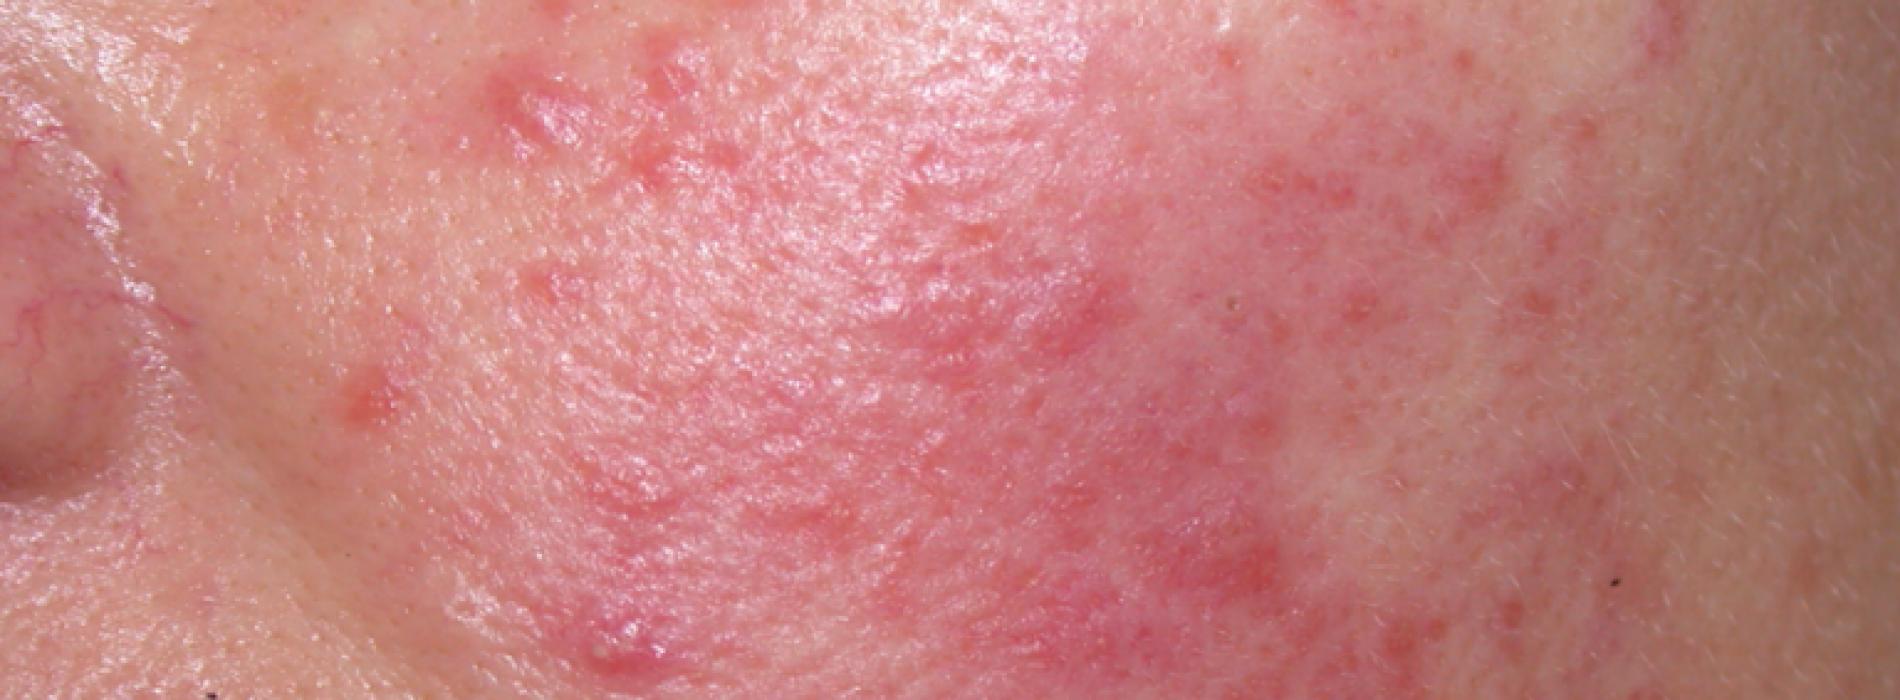 Deze natuurlijke remedies helpen tegen een rode huid (rosacea)!